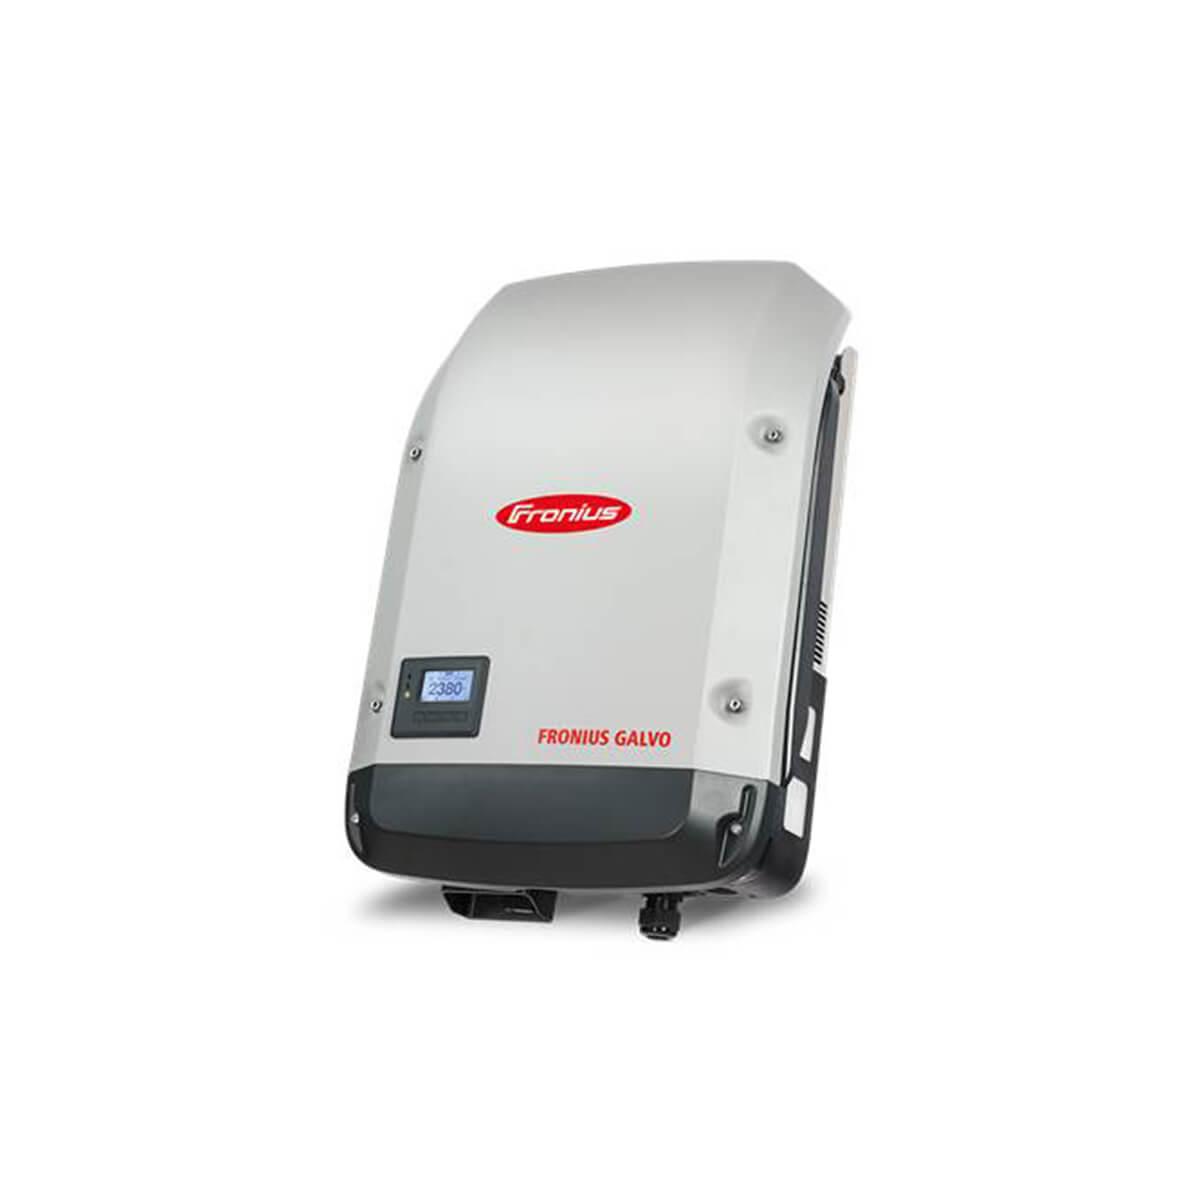 fronius 2kW inverter, fronius galvo 2.0kW inverter, fronius galvo 2.0-1 inverter, fronius galvo 2.0-1, fronius galvo 2 kW, FRONIUS 2 KW